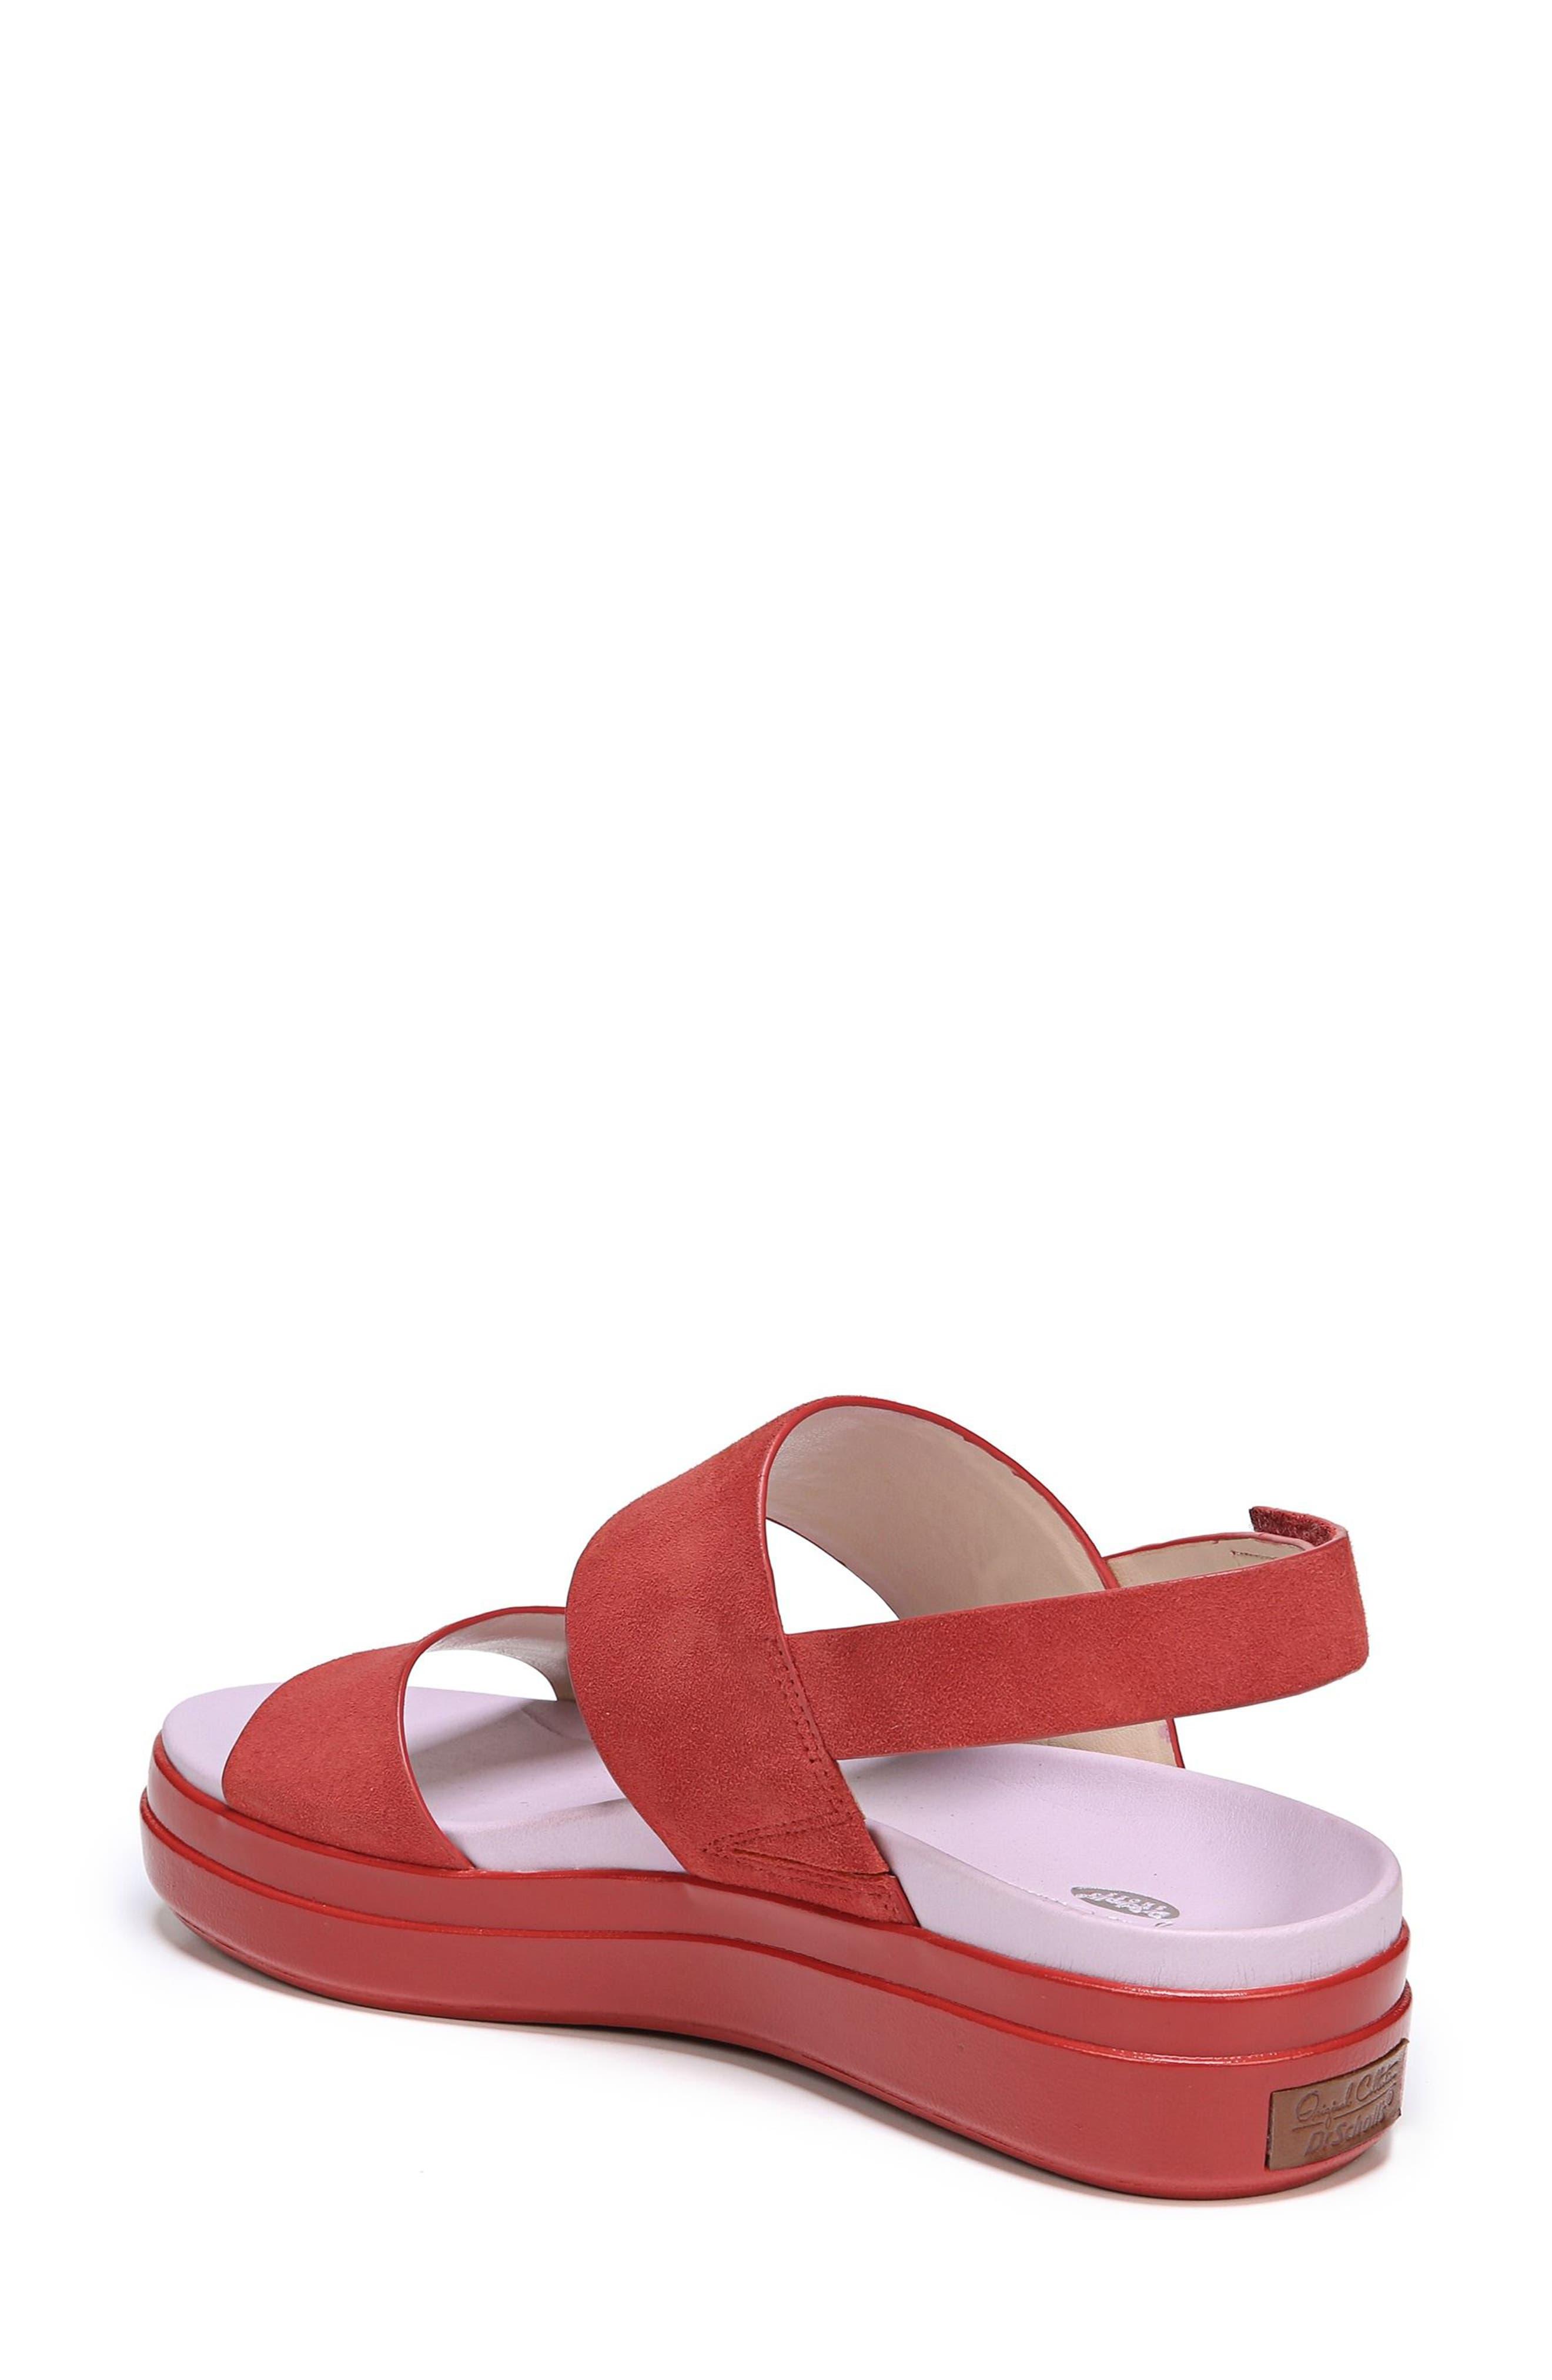 Scout Platform Sandal,                             Alternate thumbnail 2, color,                             Paprika Suede